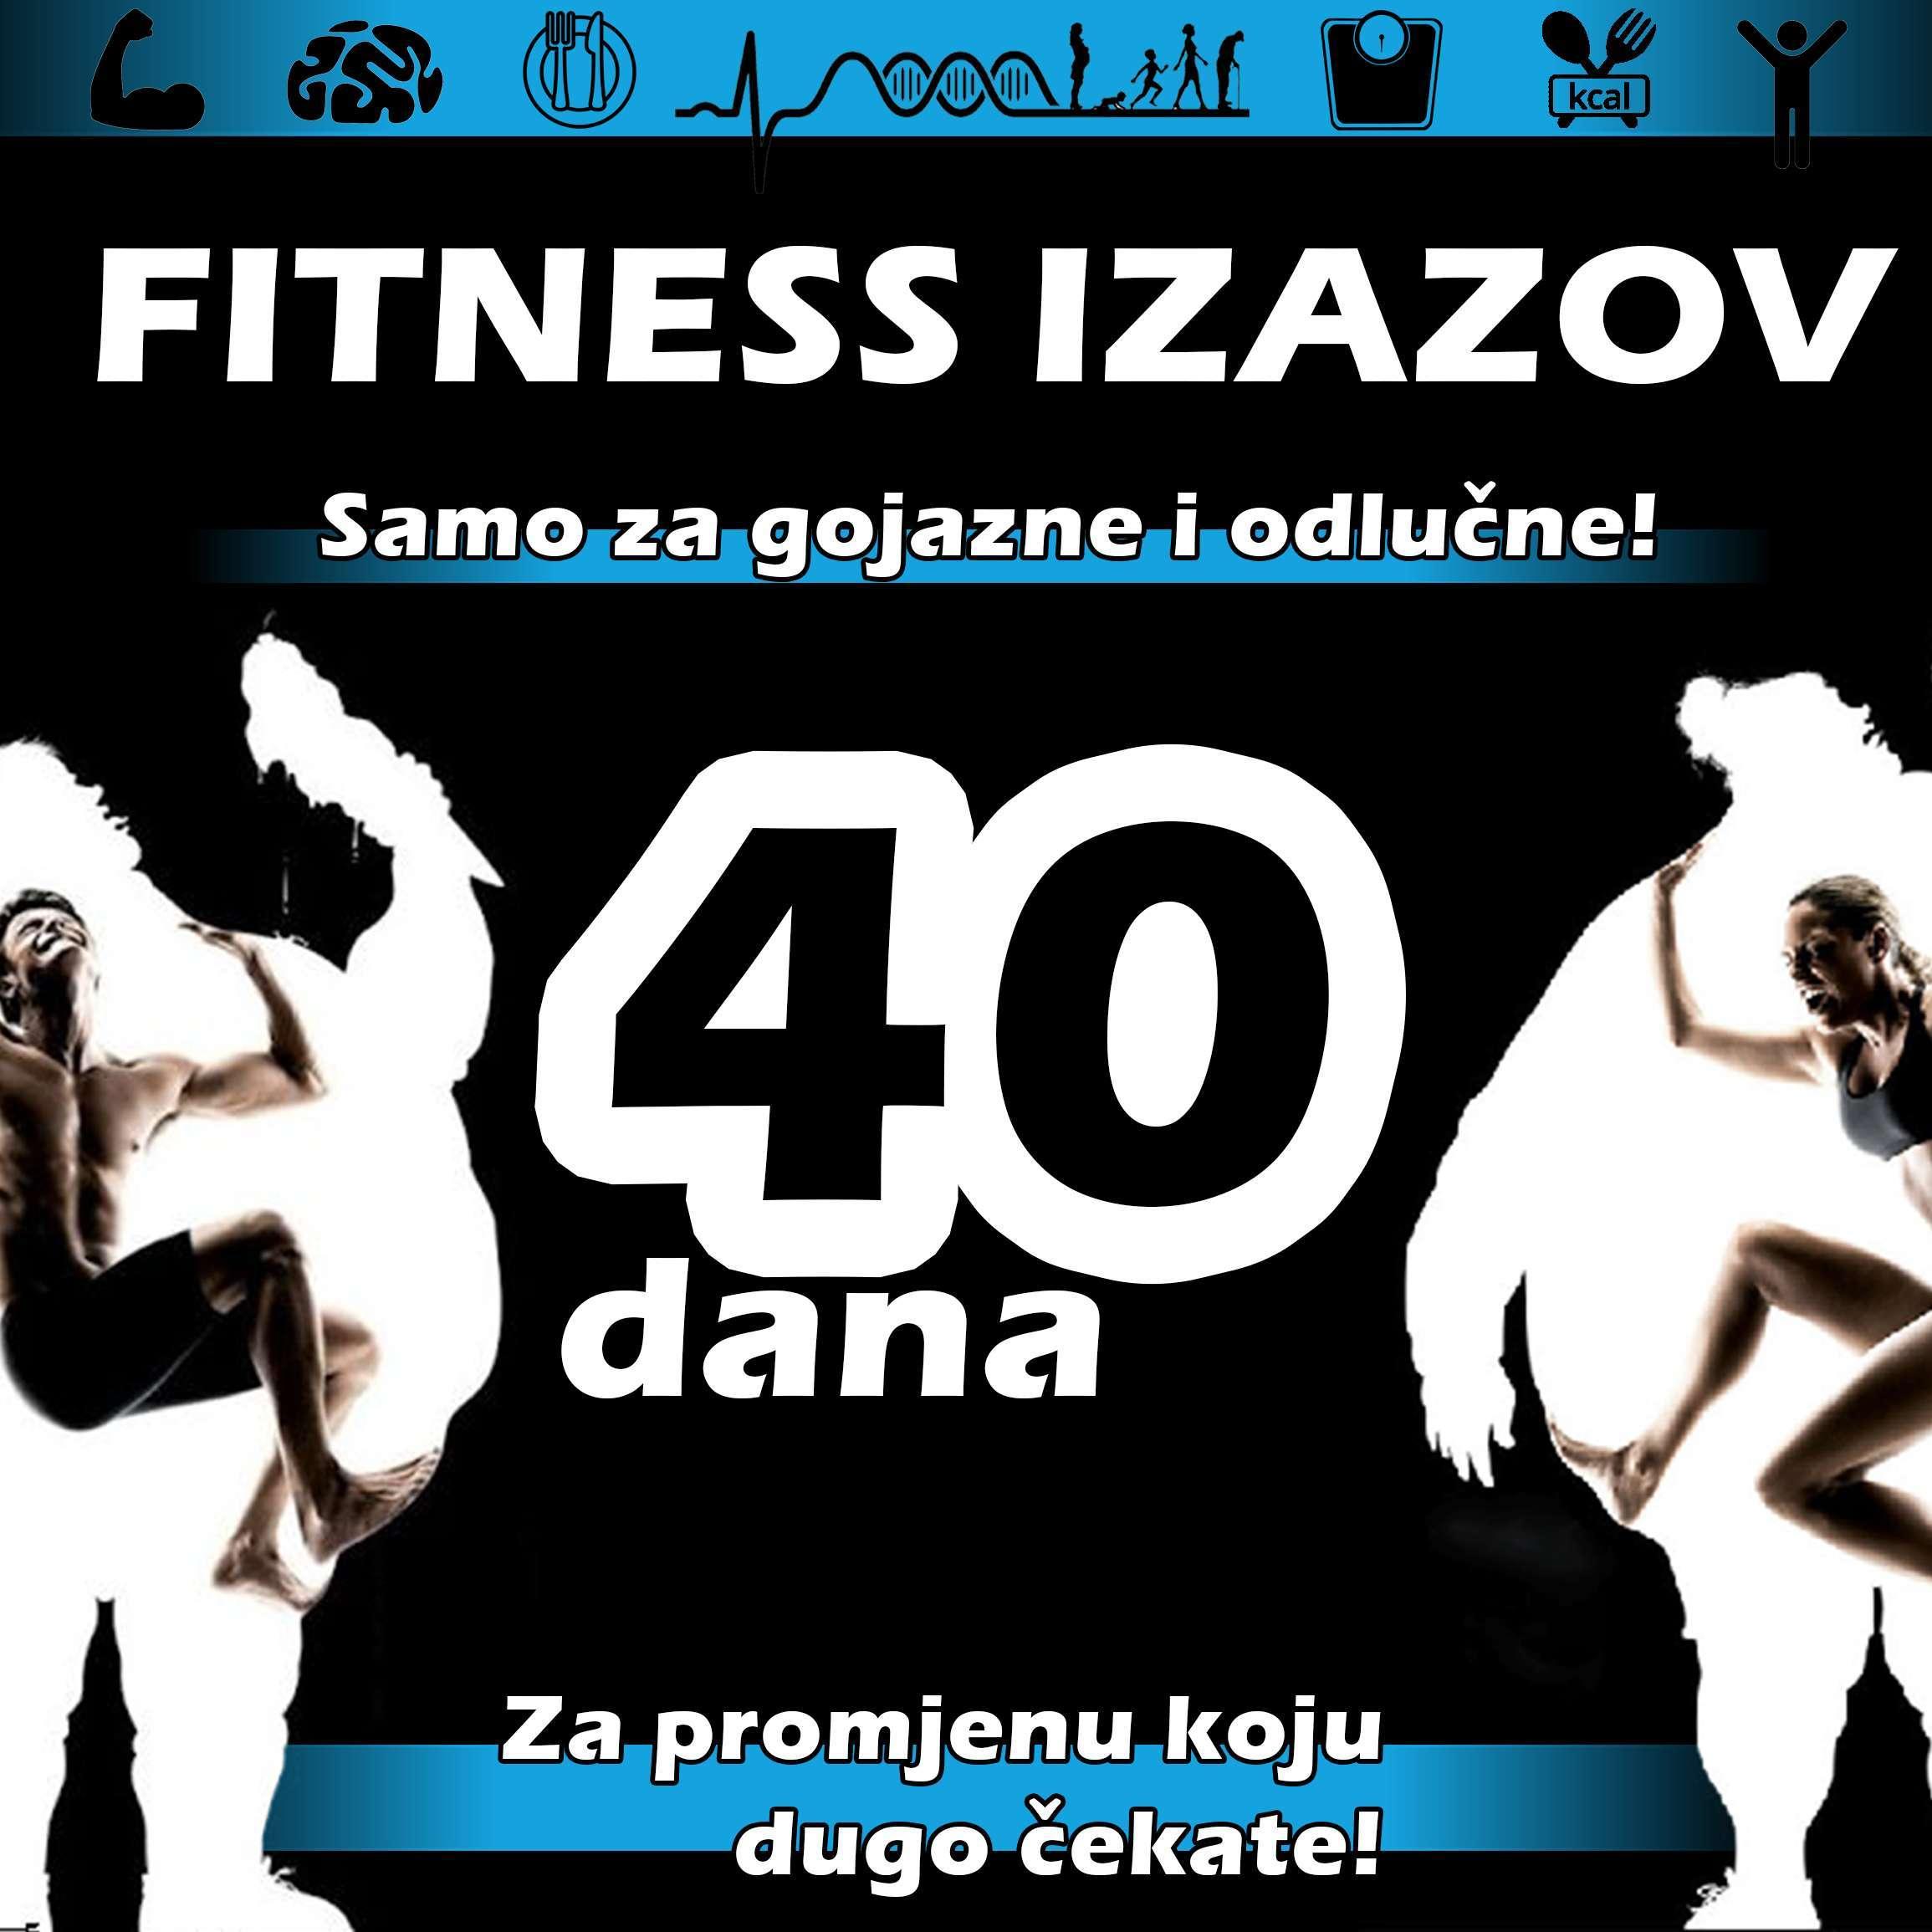 Prihvati Fitnes izazov